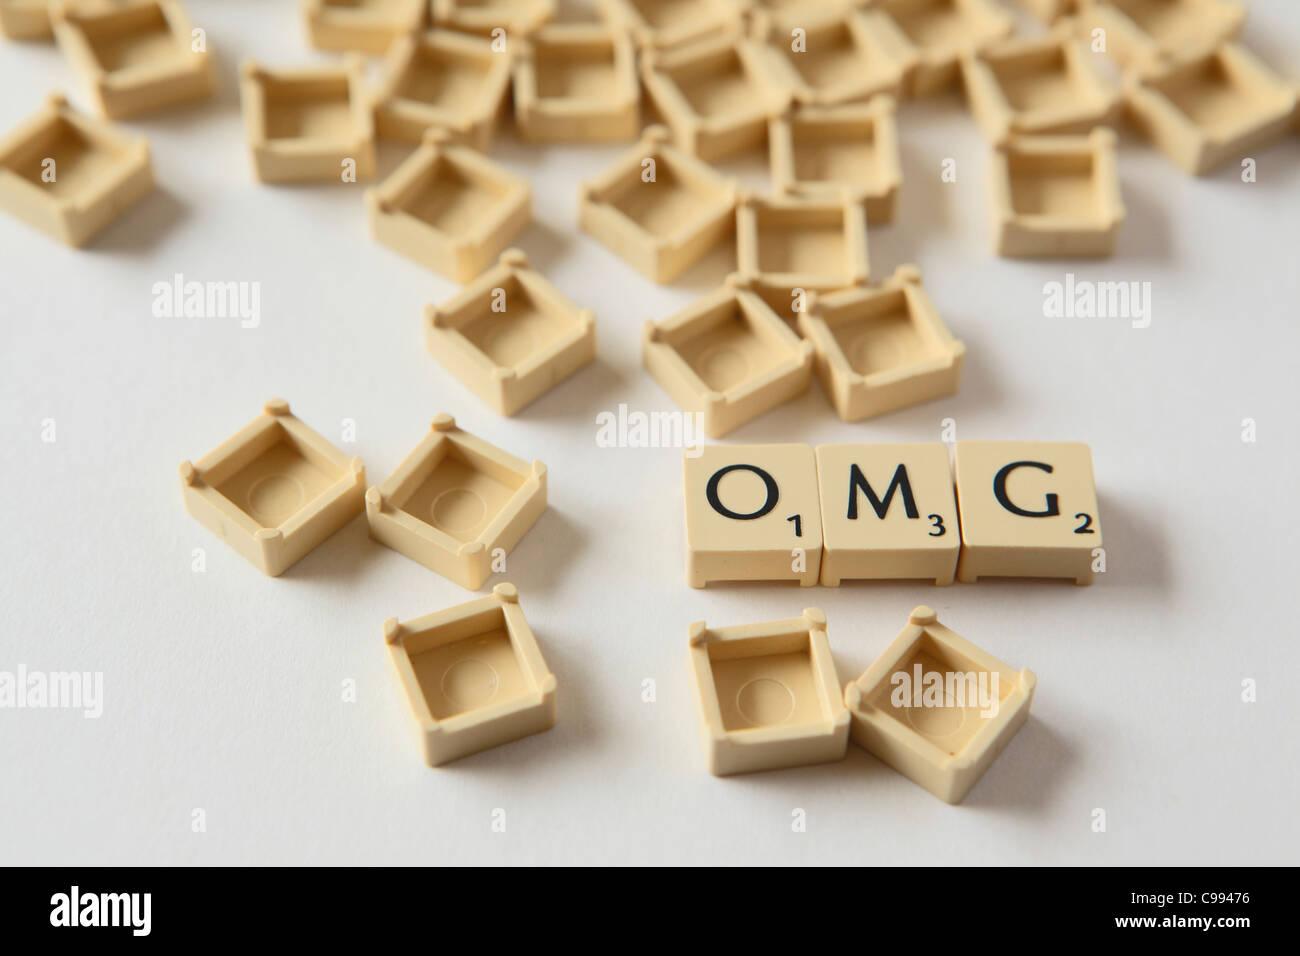 Lettera di Scrabble Piazze, studio fotografico, REGNO UNITO Foto Stock